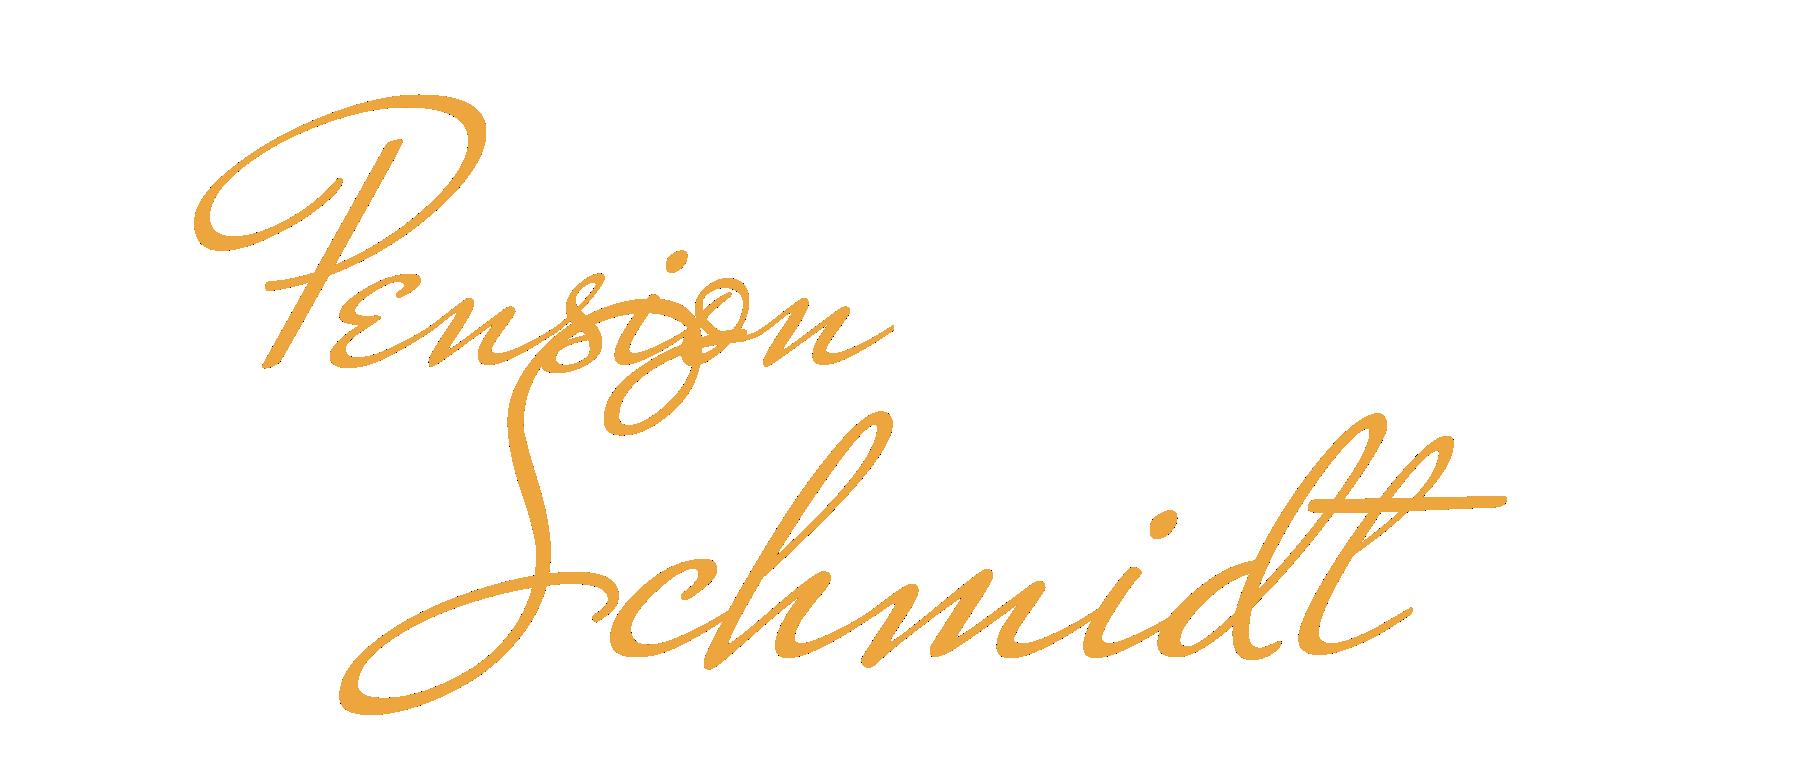 Pension Schmidt